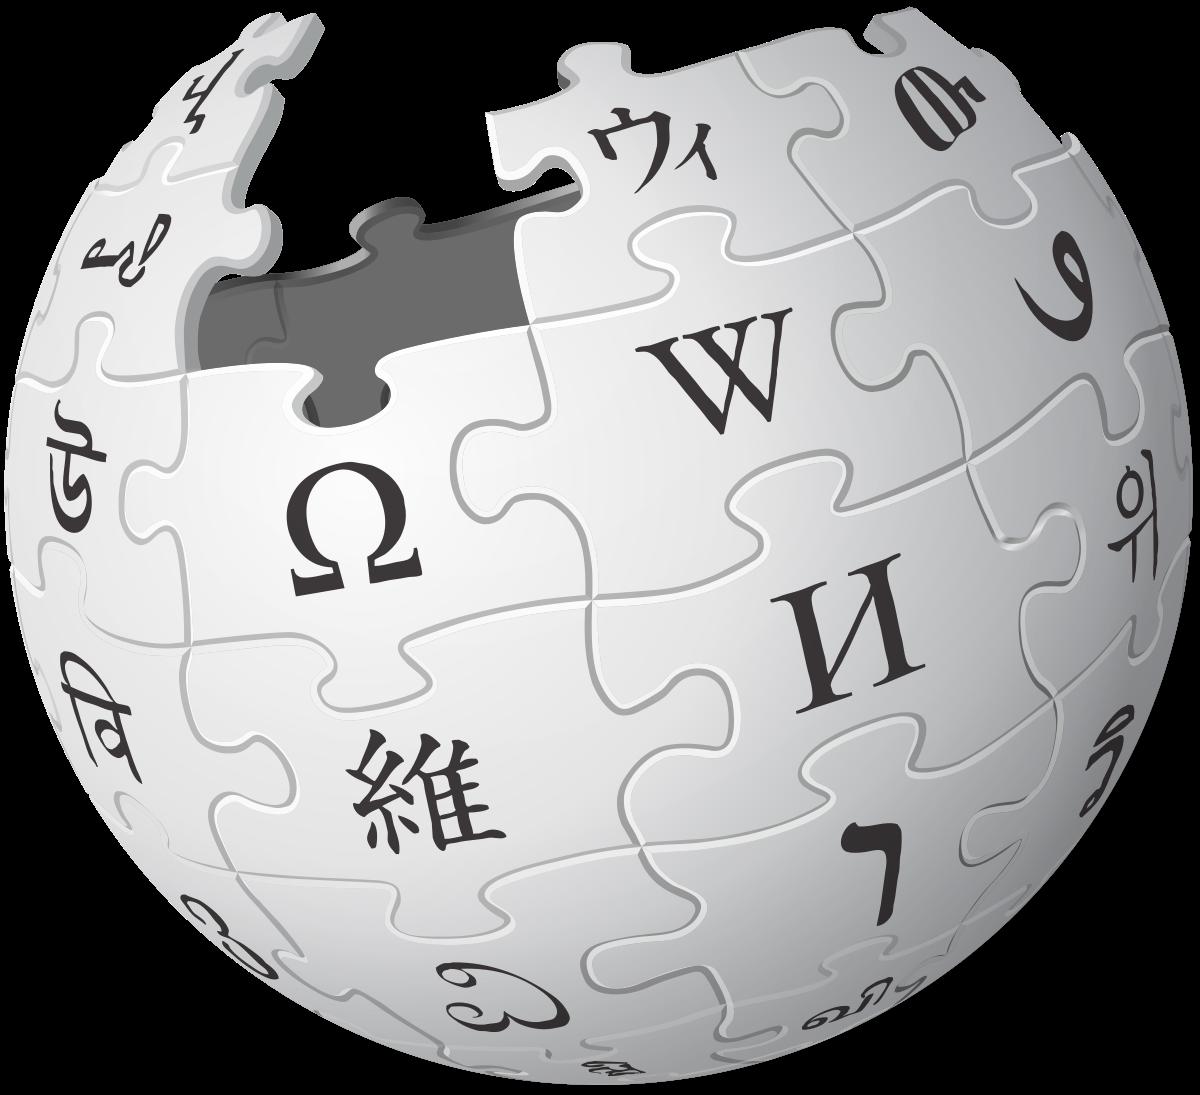 Drache | Drachen Wiki | FANDOM powered by Wikia